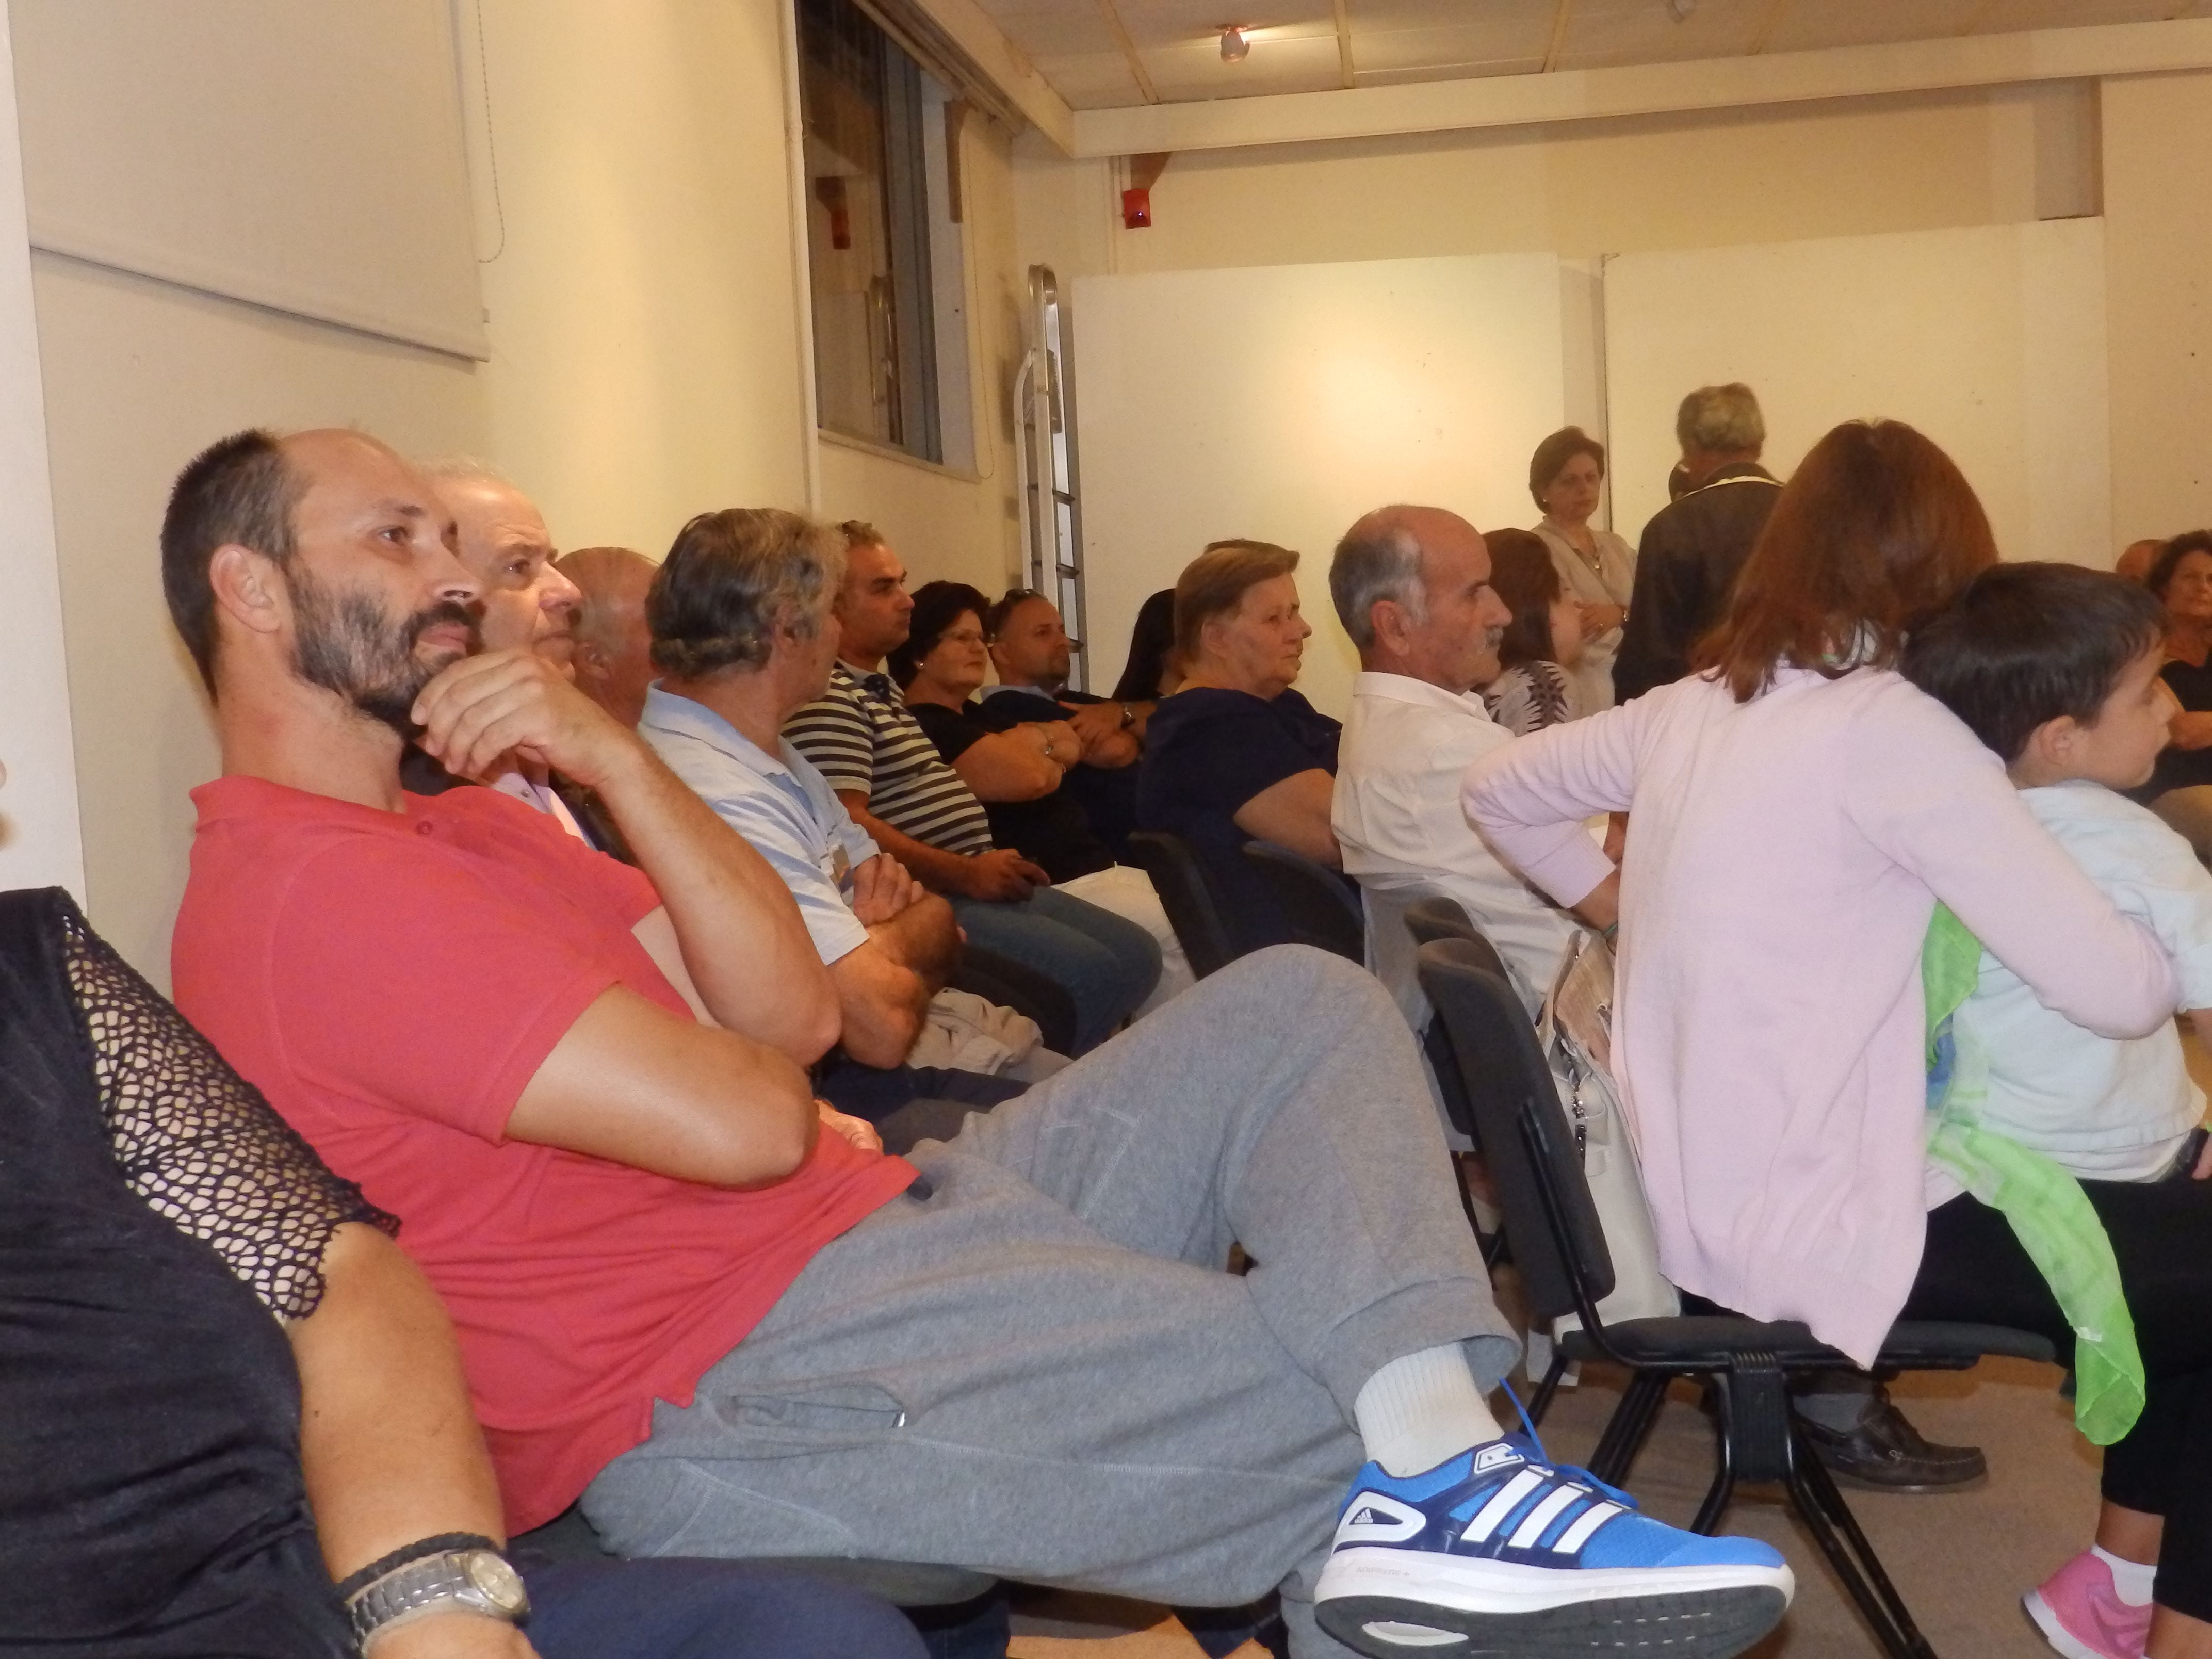 Κάτοικοι της περιοχής του Αεροδρομίου παρακολουθούν την συνεδρίαση